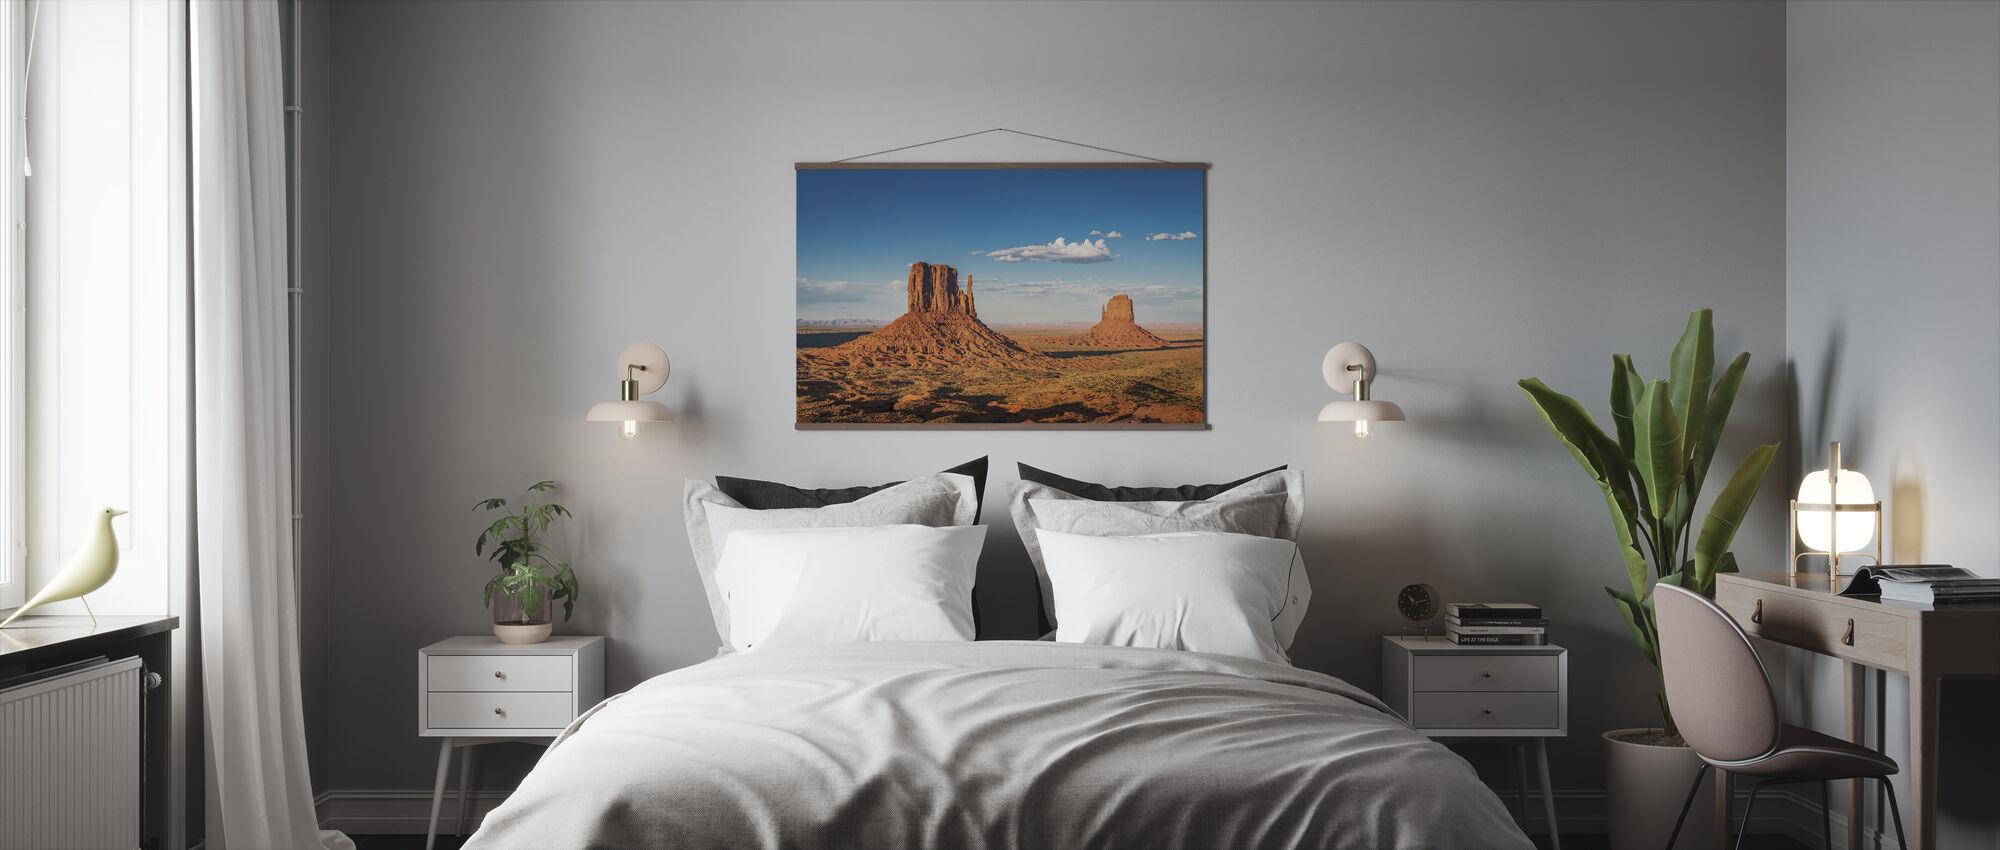 West- en Oost-wanten Buttes - Poster - Slaapkamer